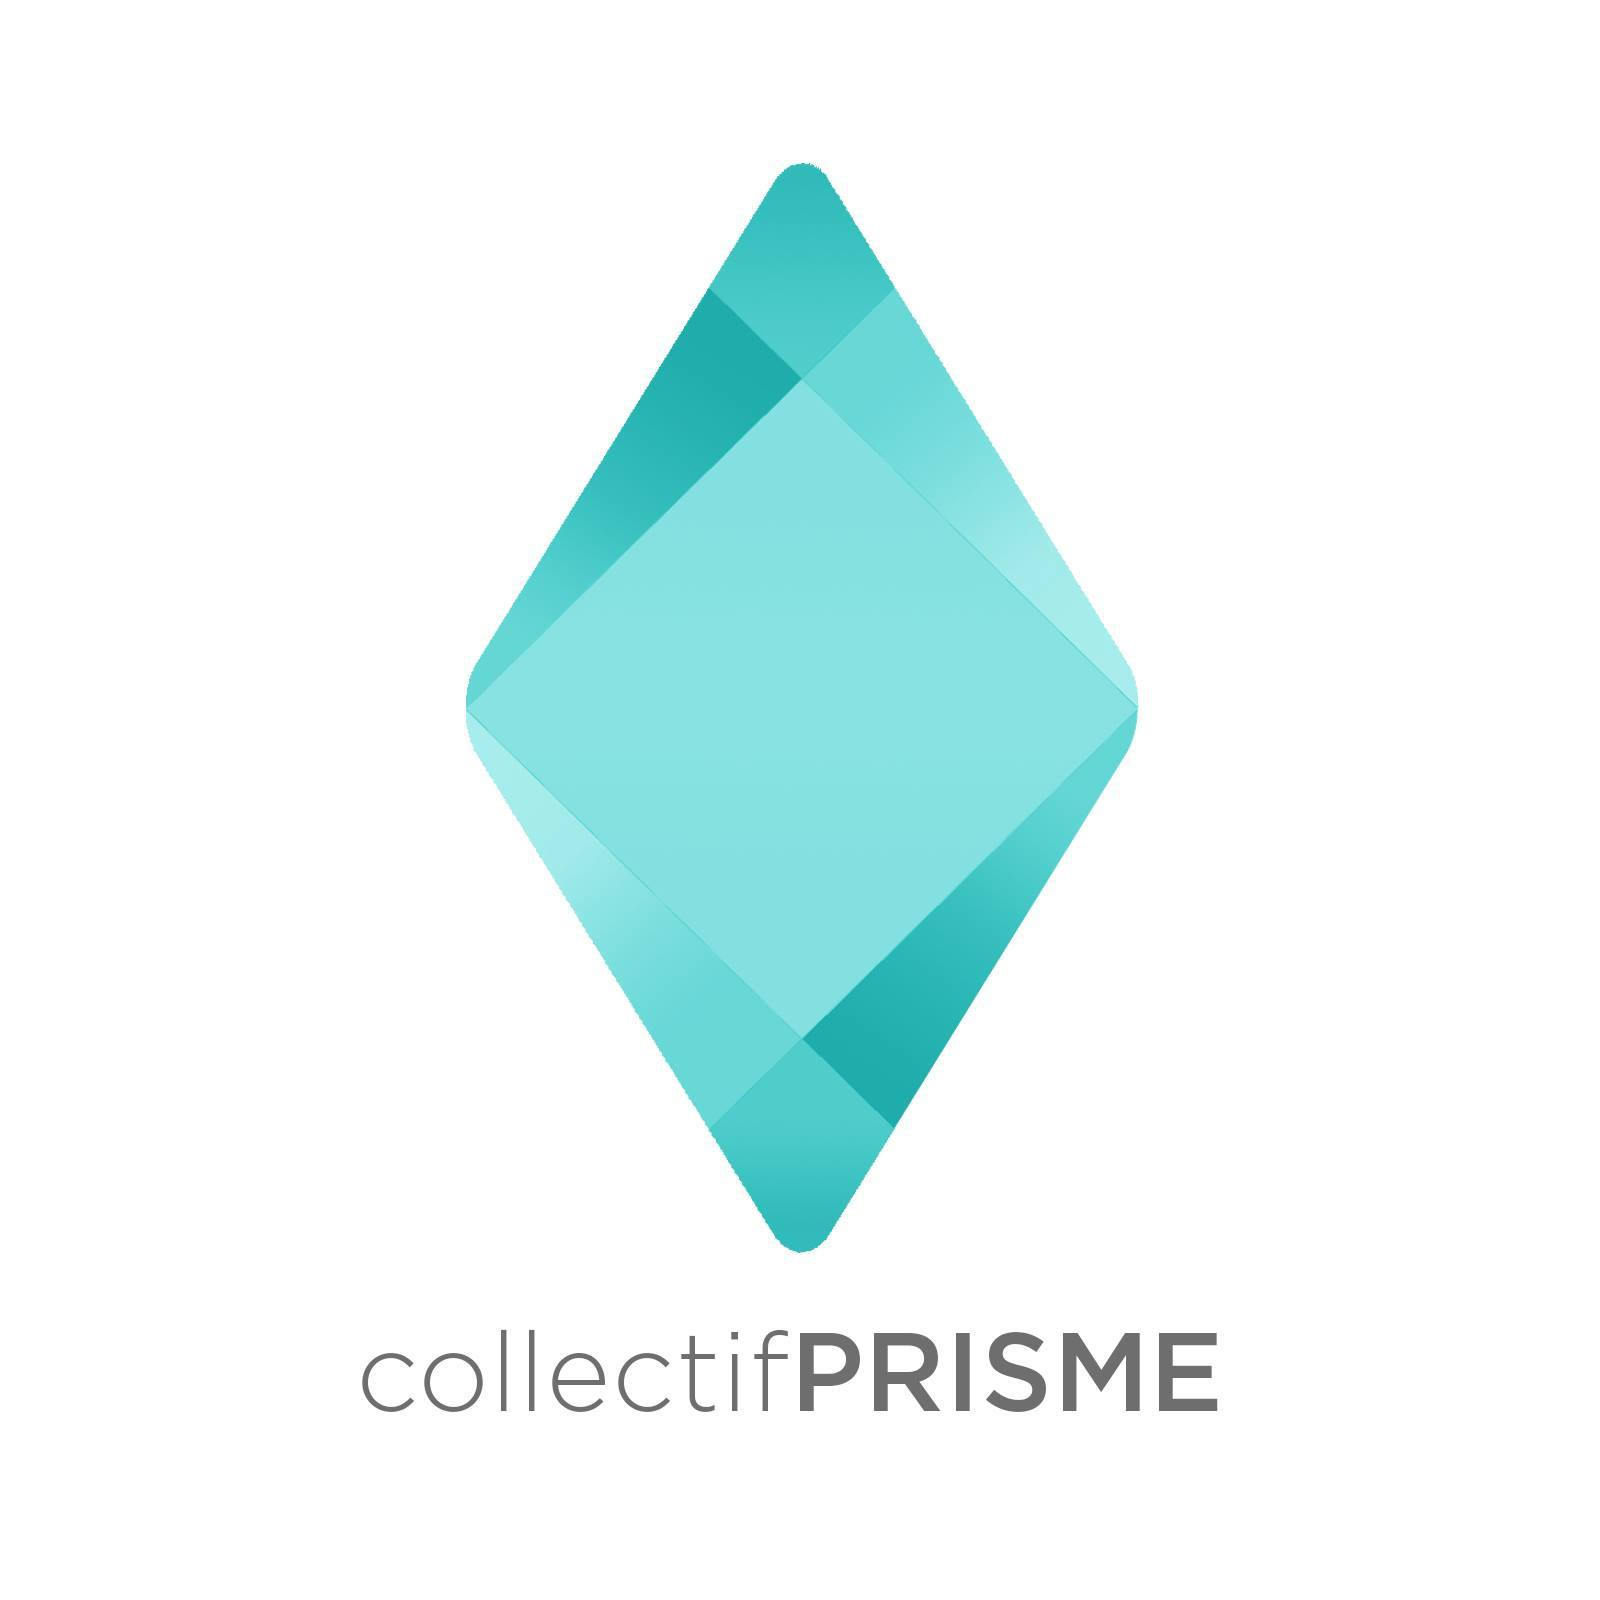 Collectif Prisme